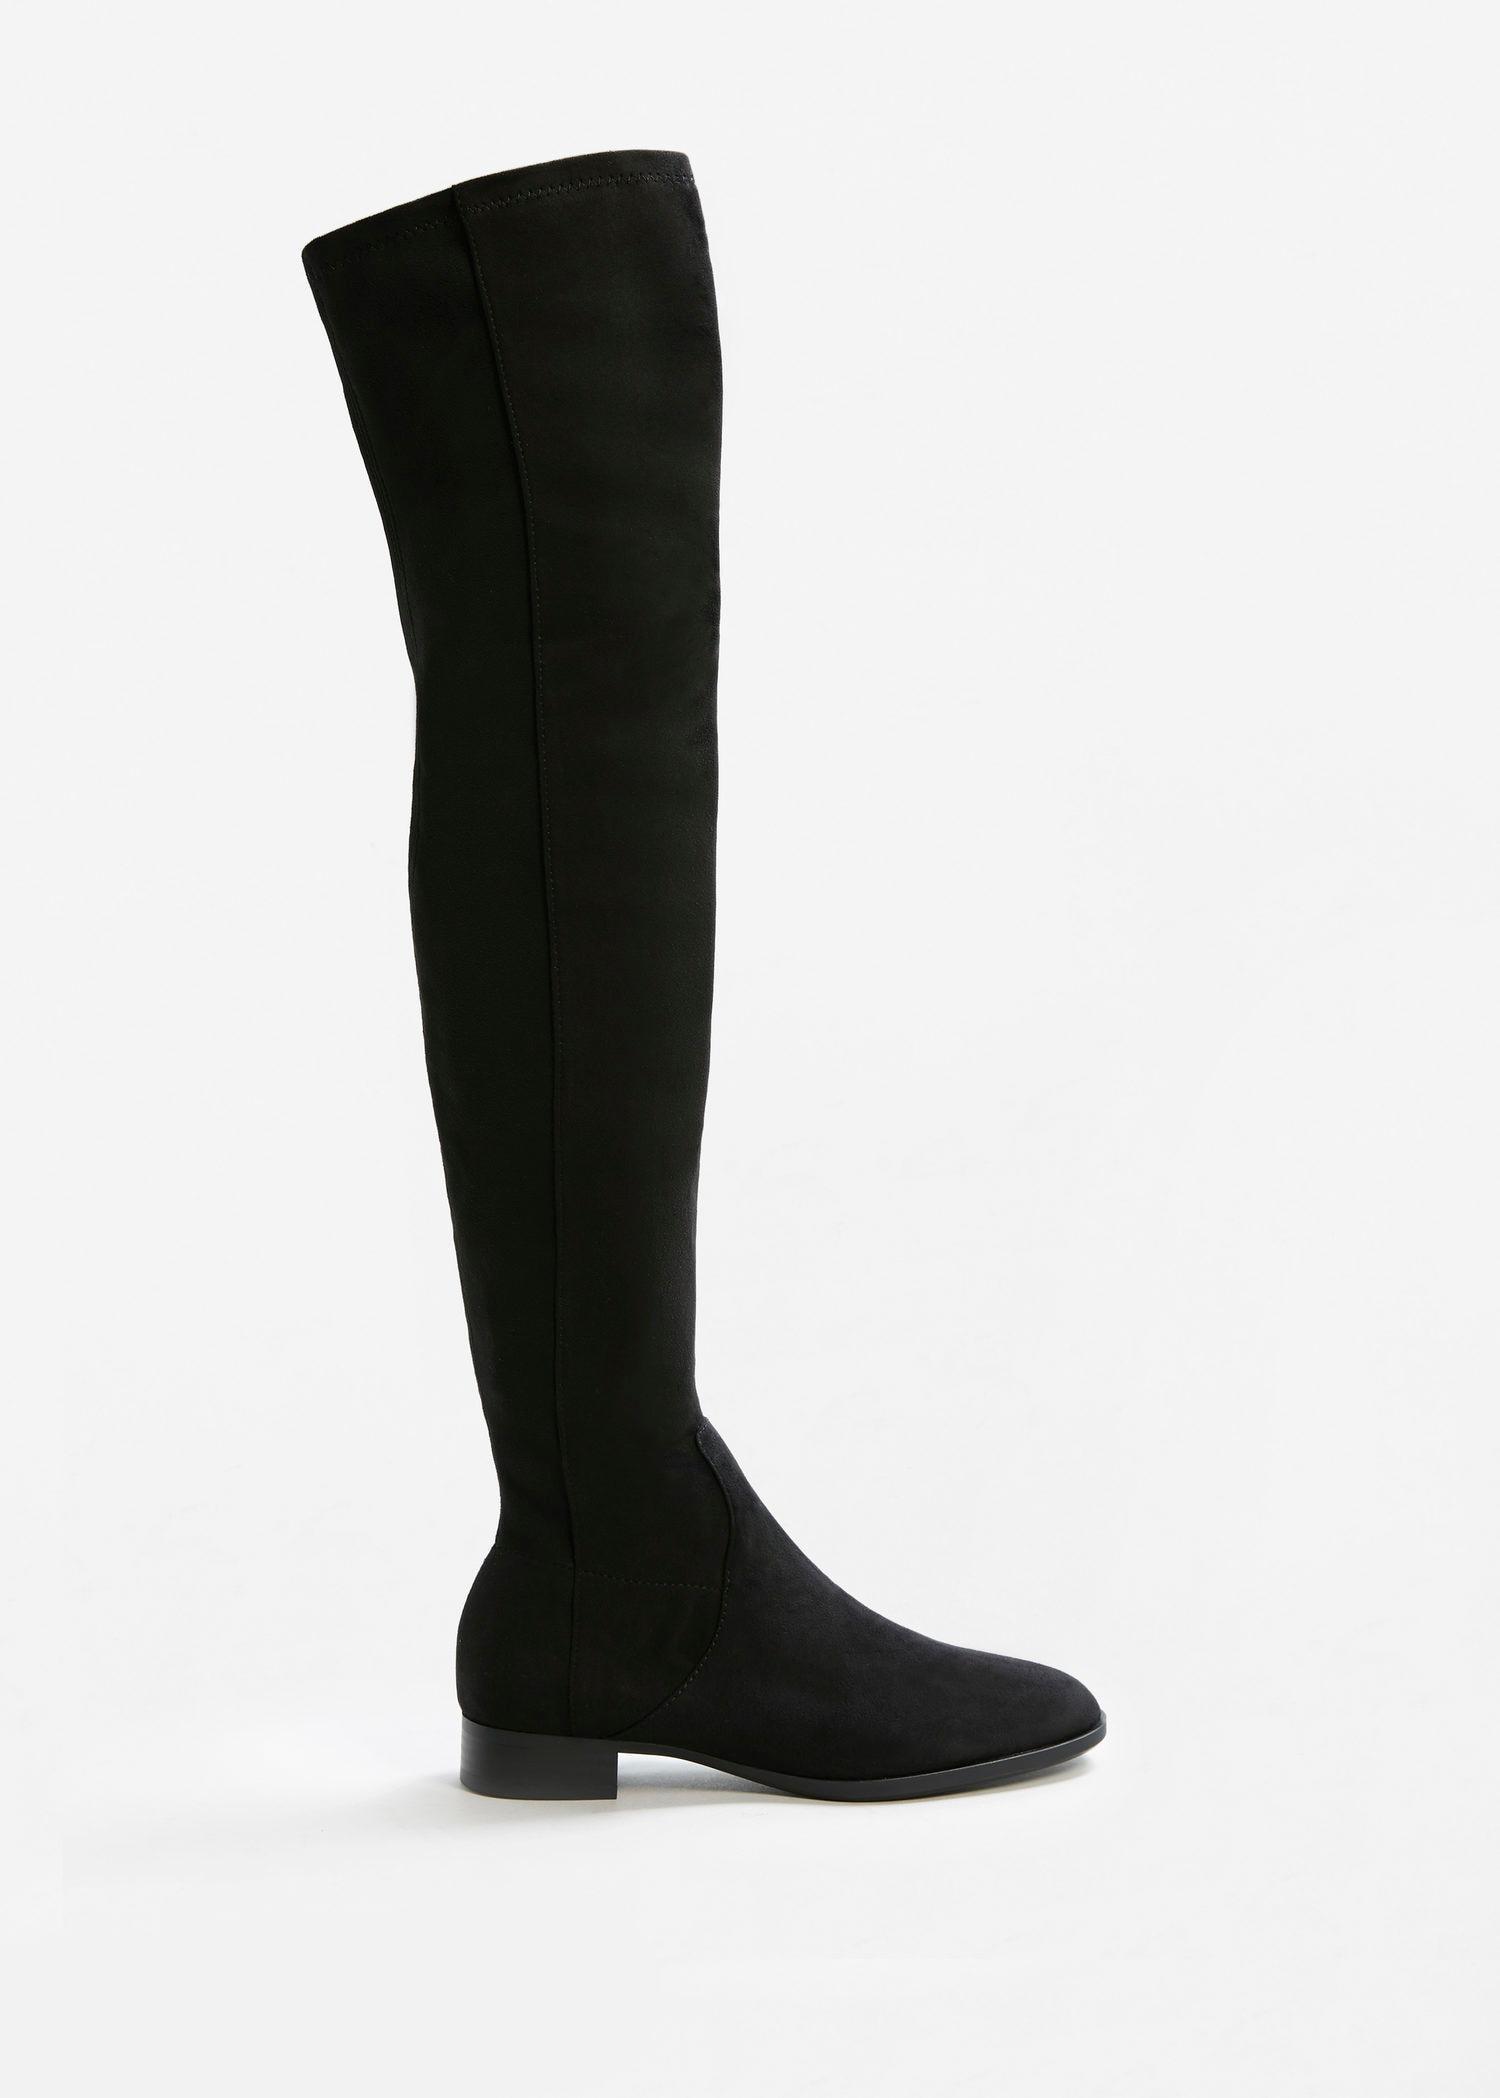 6ba5fb3d965 Mango Black Flat Over-the-knee Boots